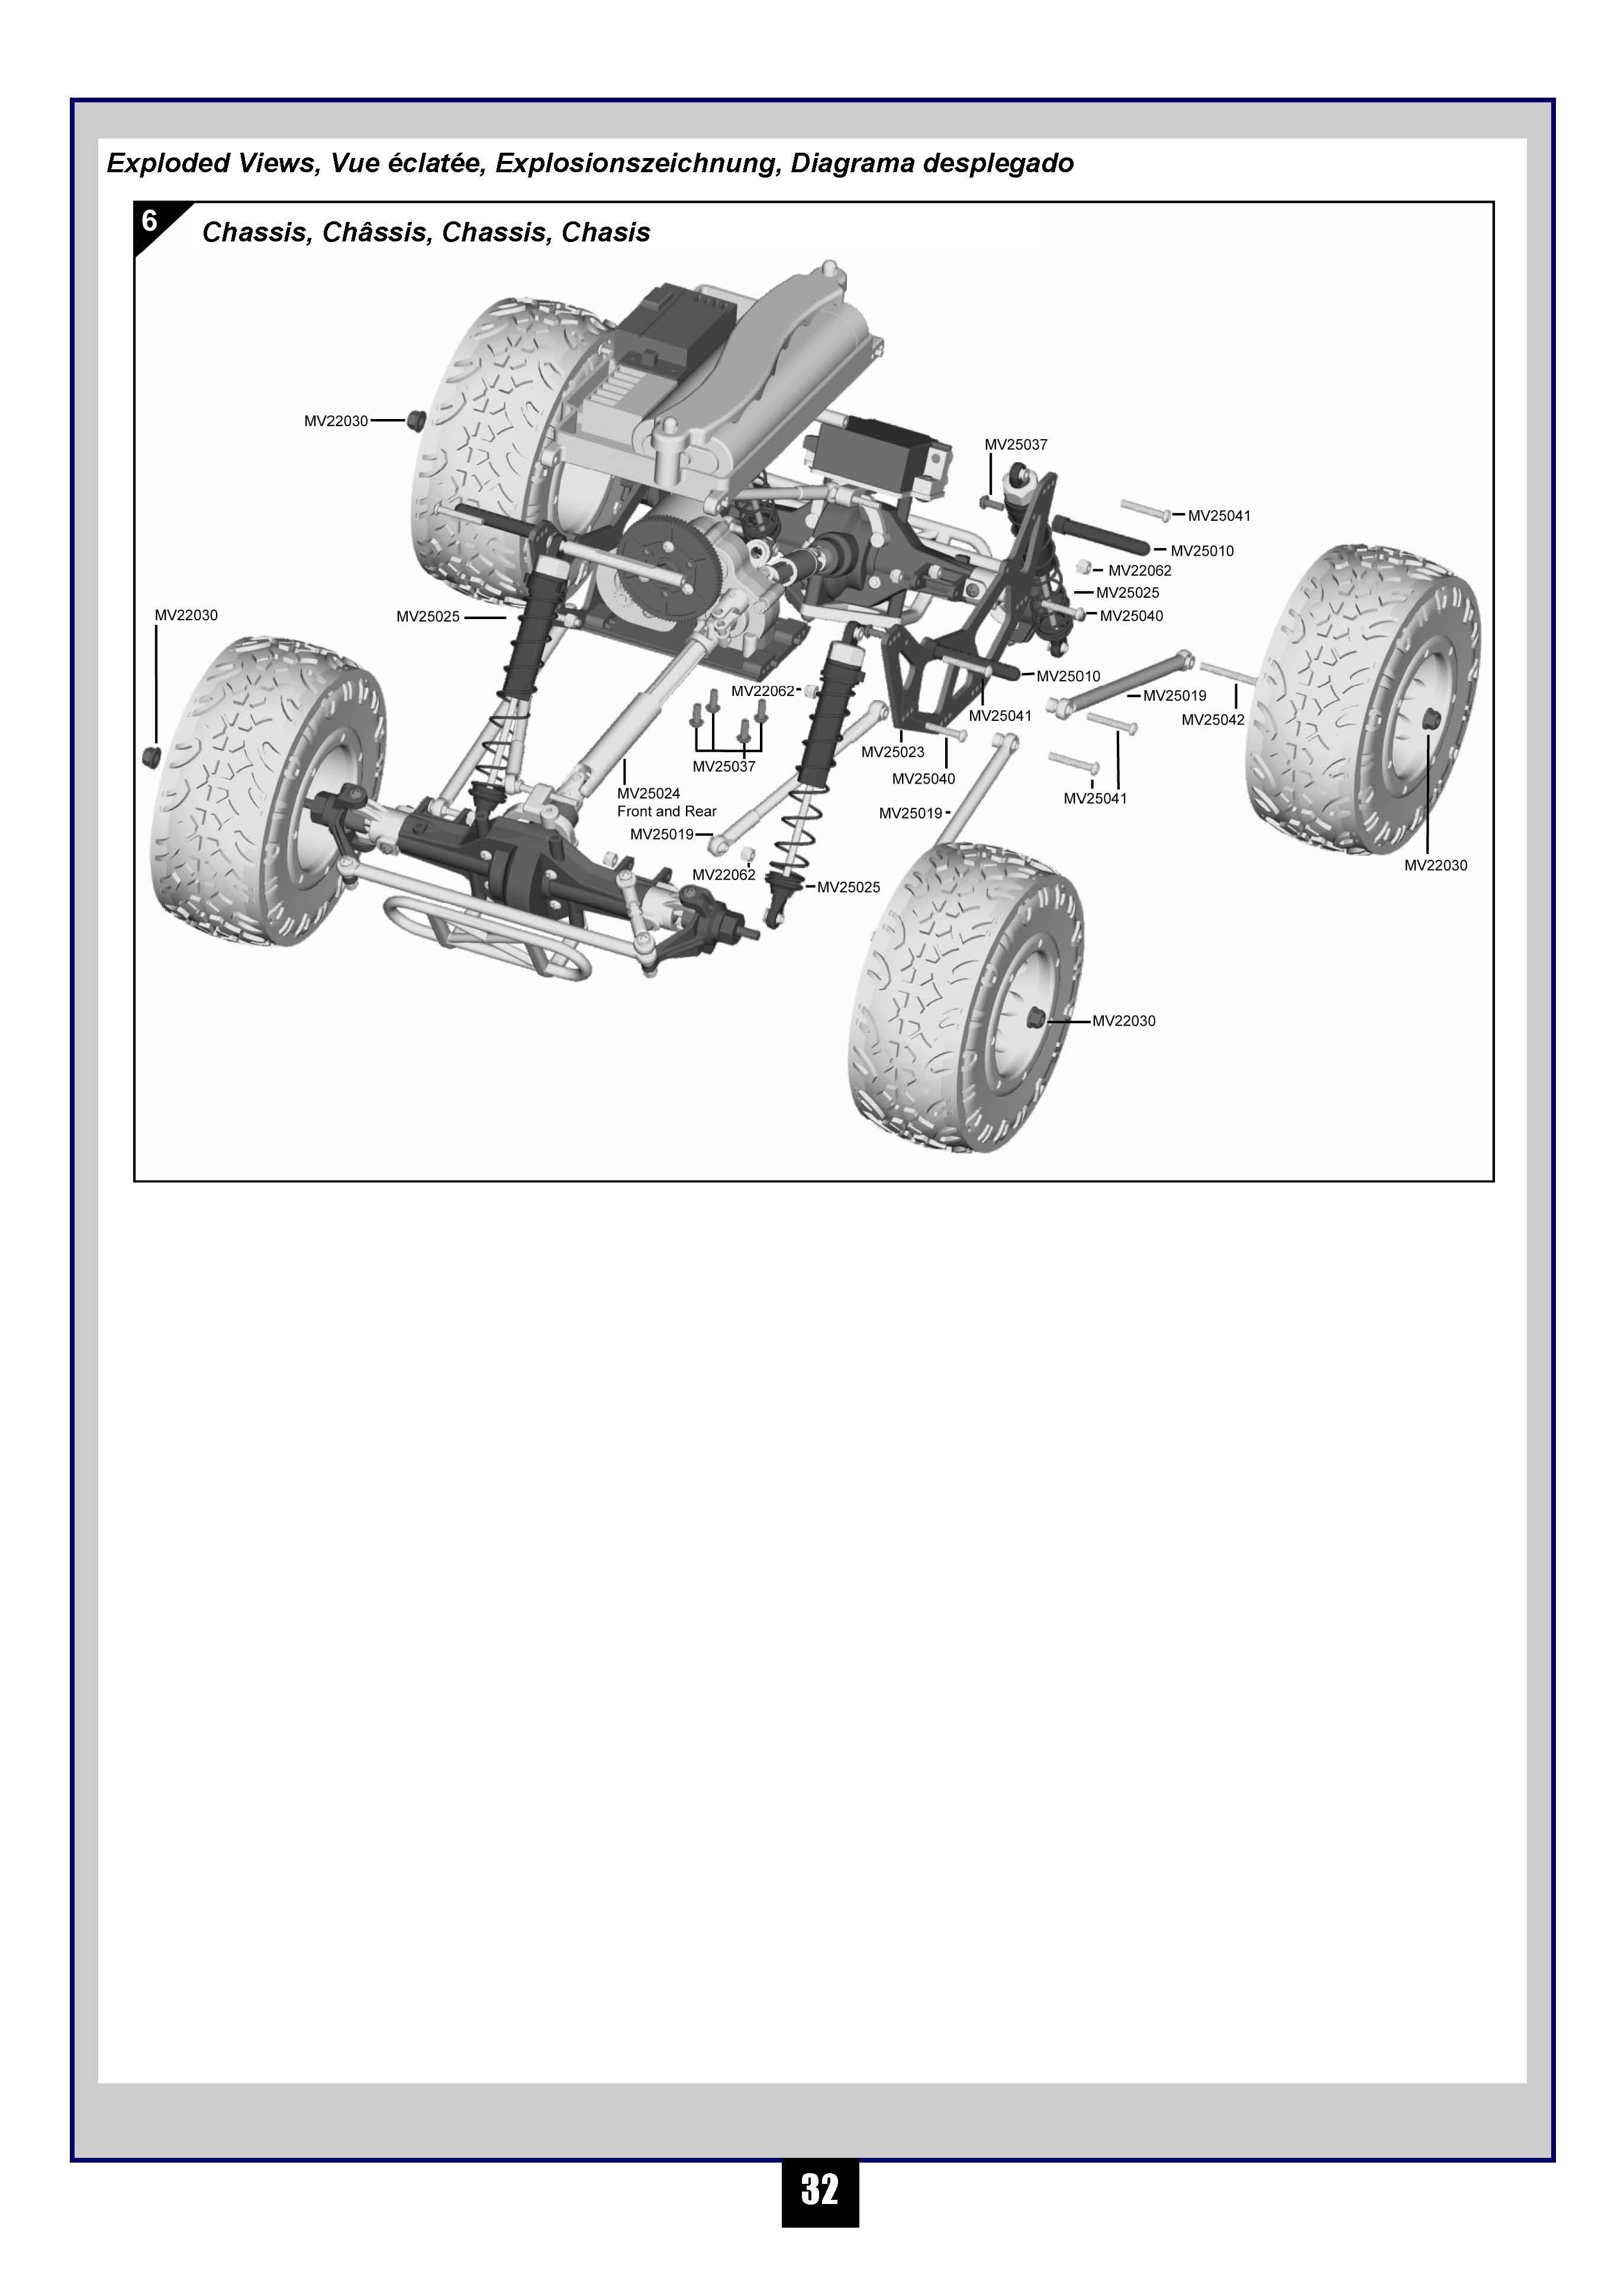 инструкция по применению радиоуправляемого самолета scout